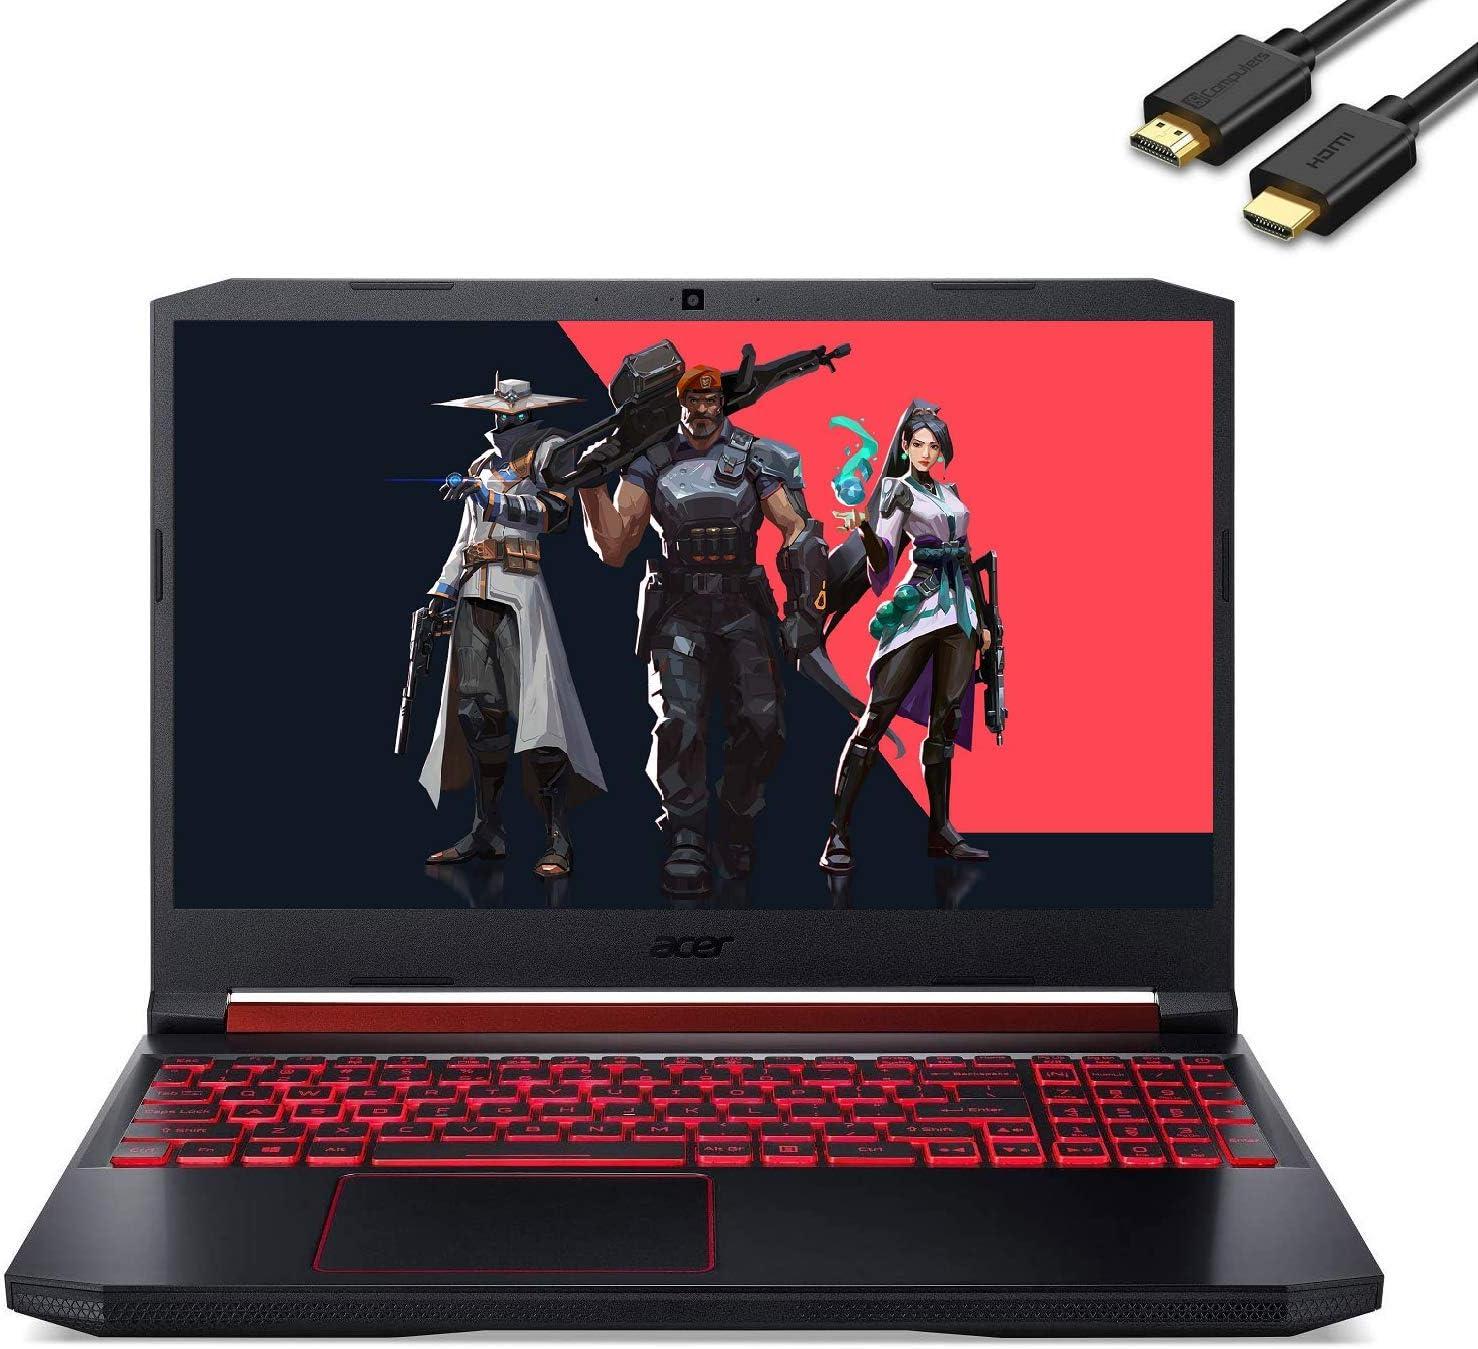 Acer Nitro 5 15.6